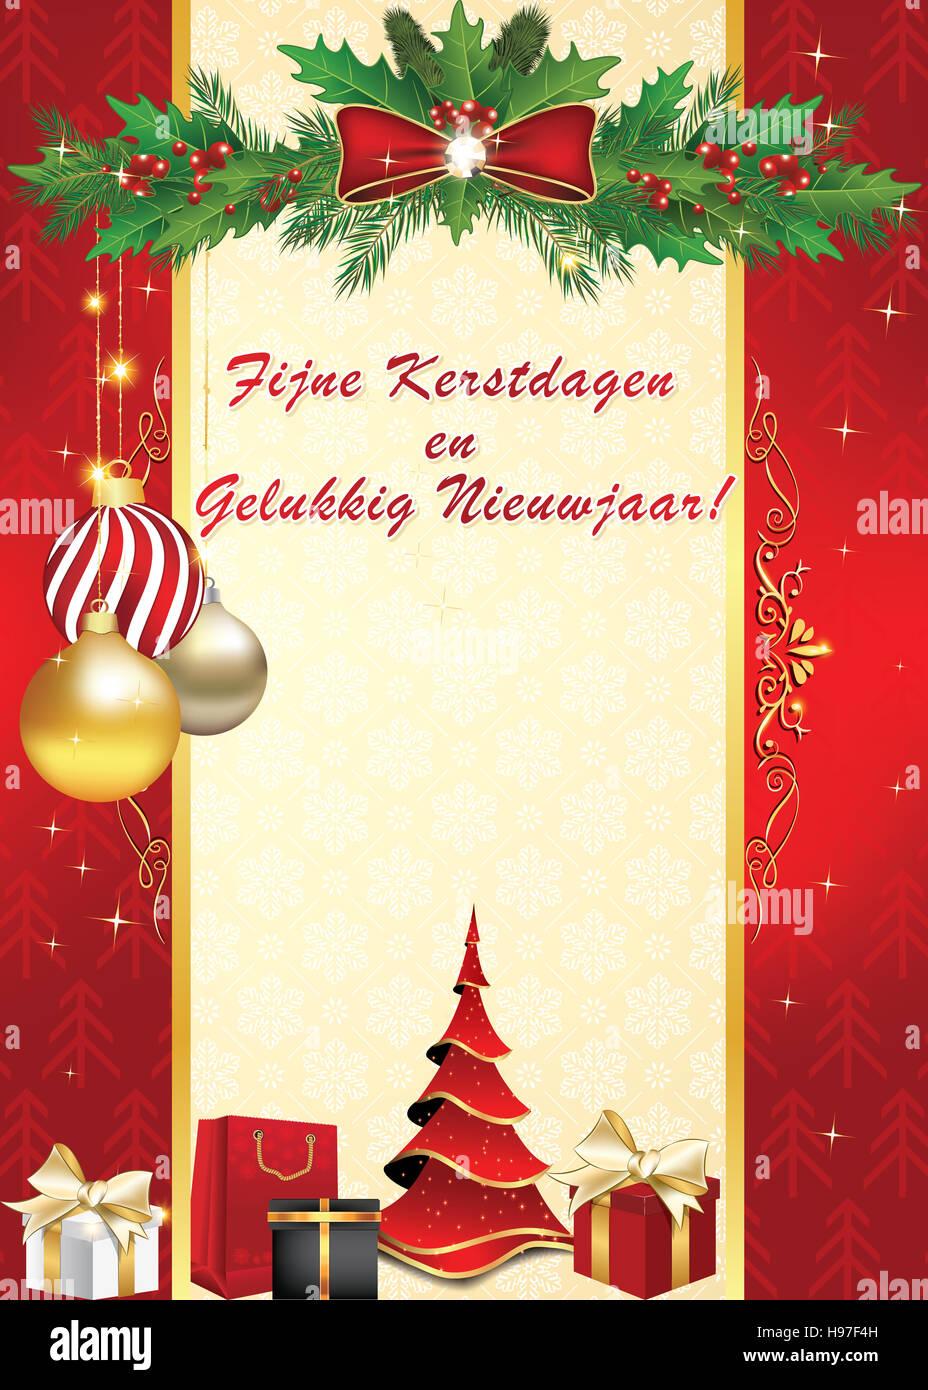 Wir wünschen Ihnen frohe Weihnachten und Happy New Year ...